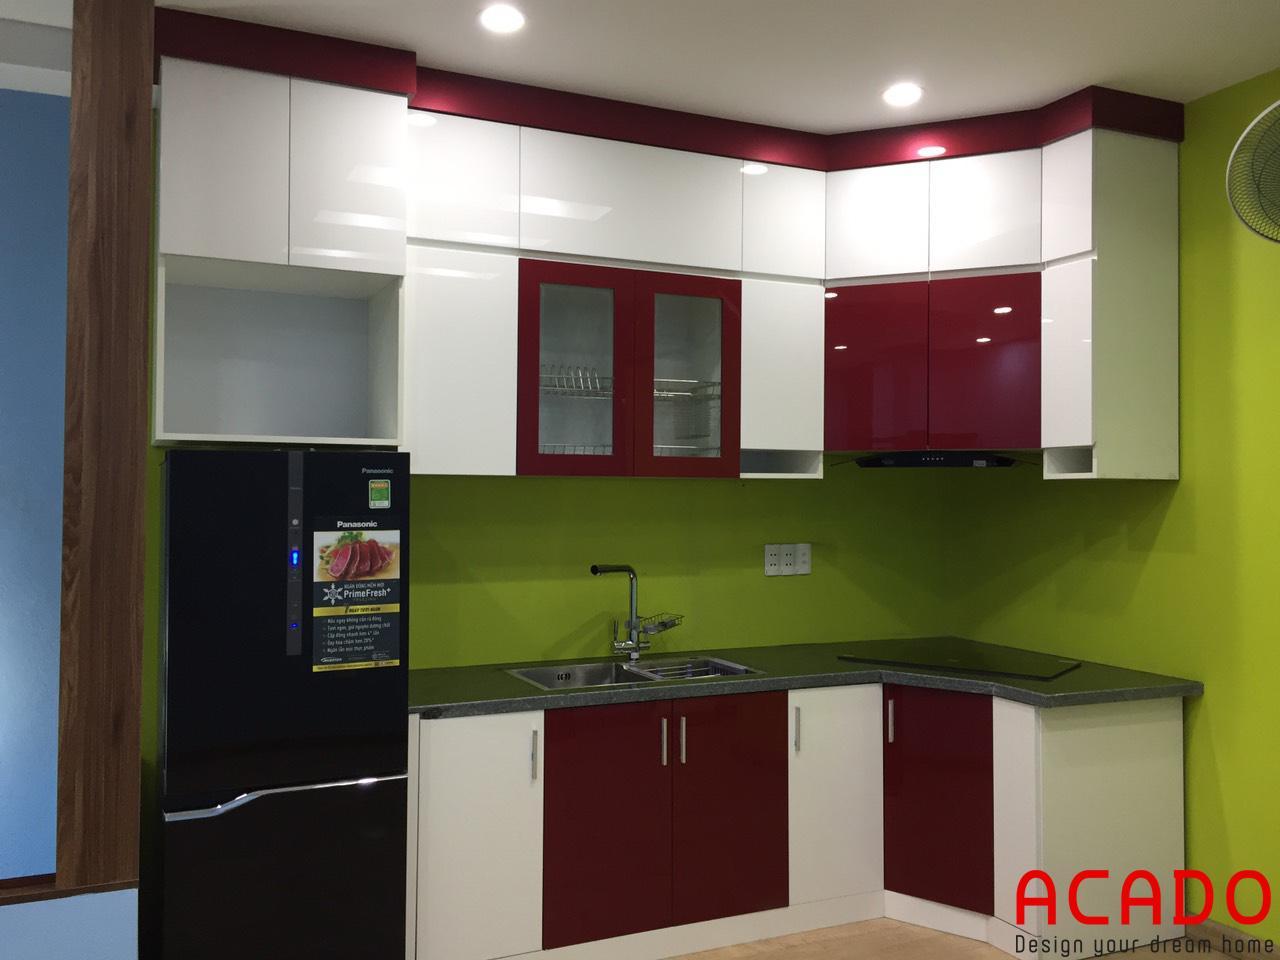 Mẫu tủ bếp kết hợp trắng, đỏ mận trẻ trung.